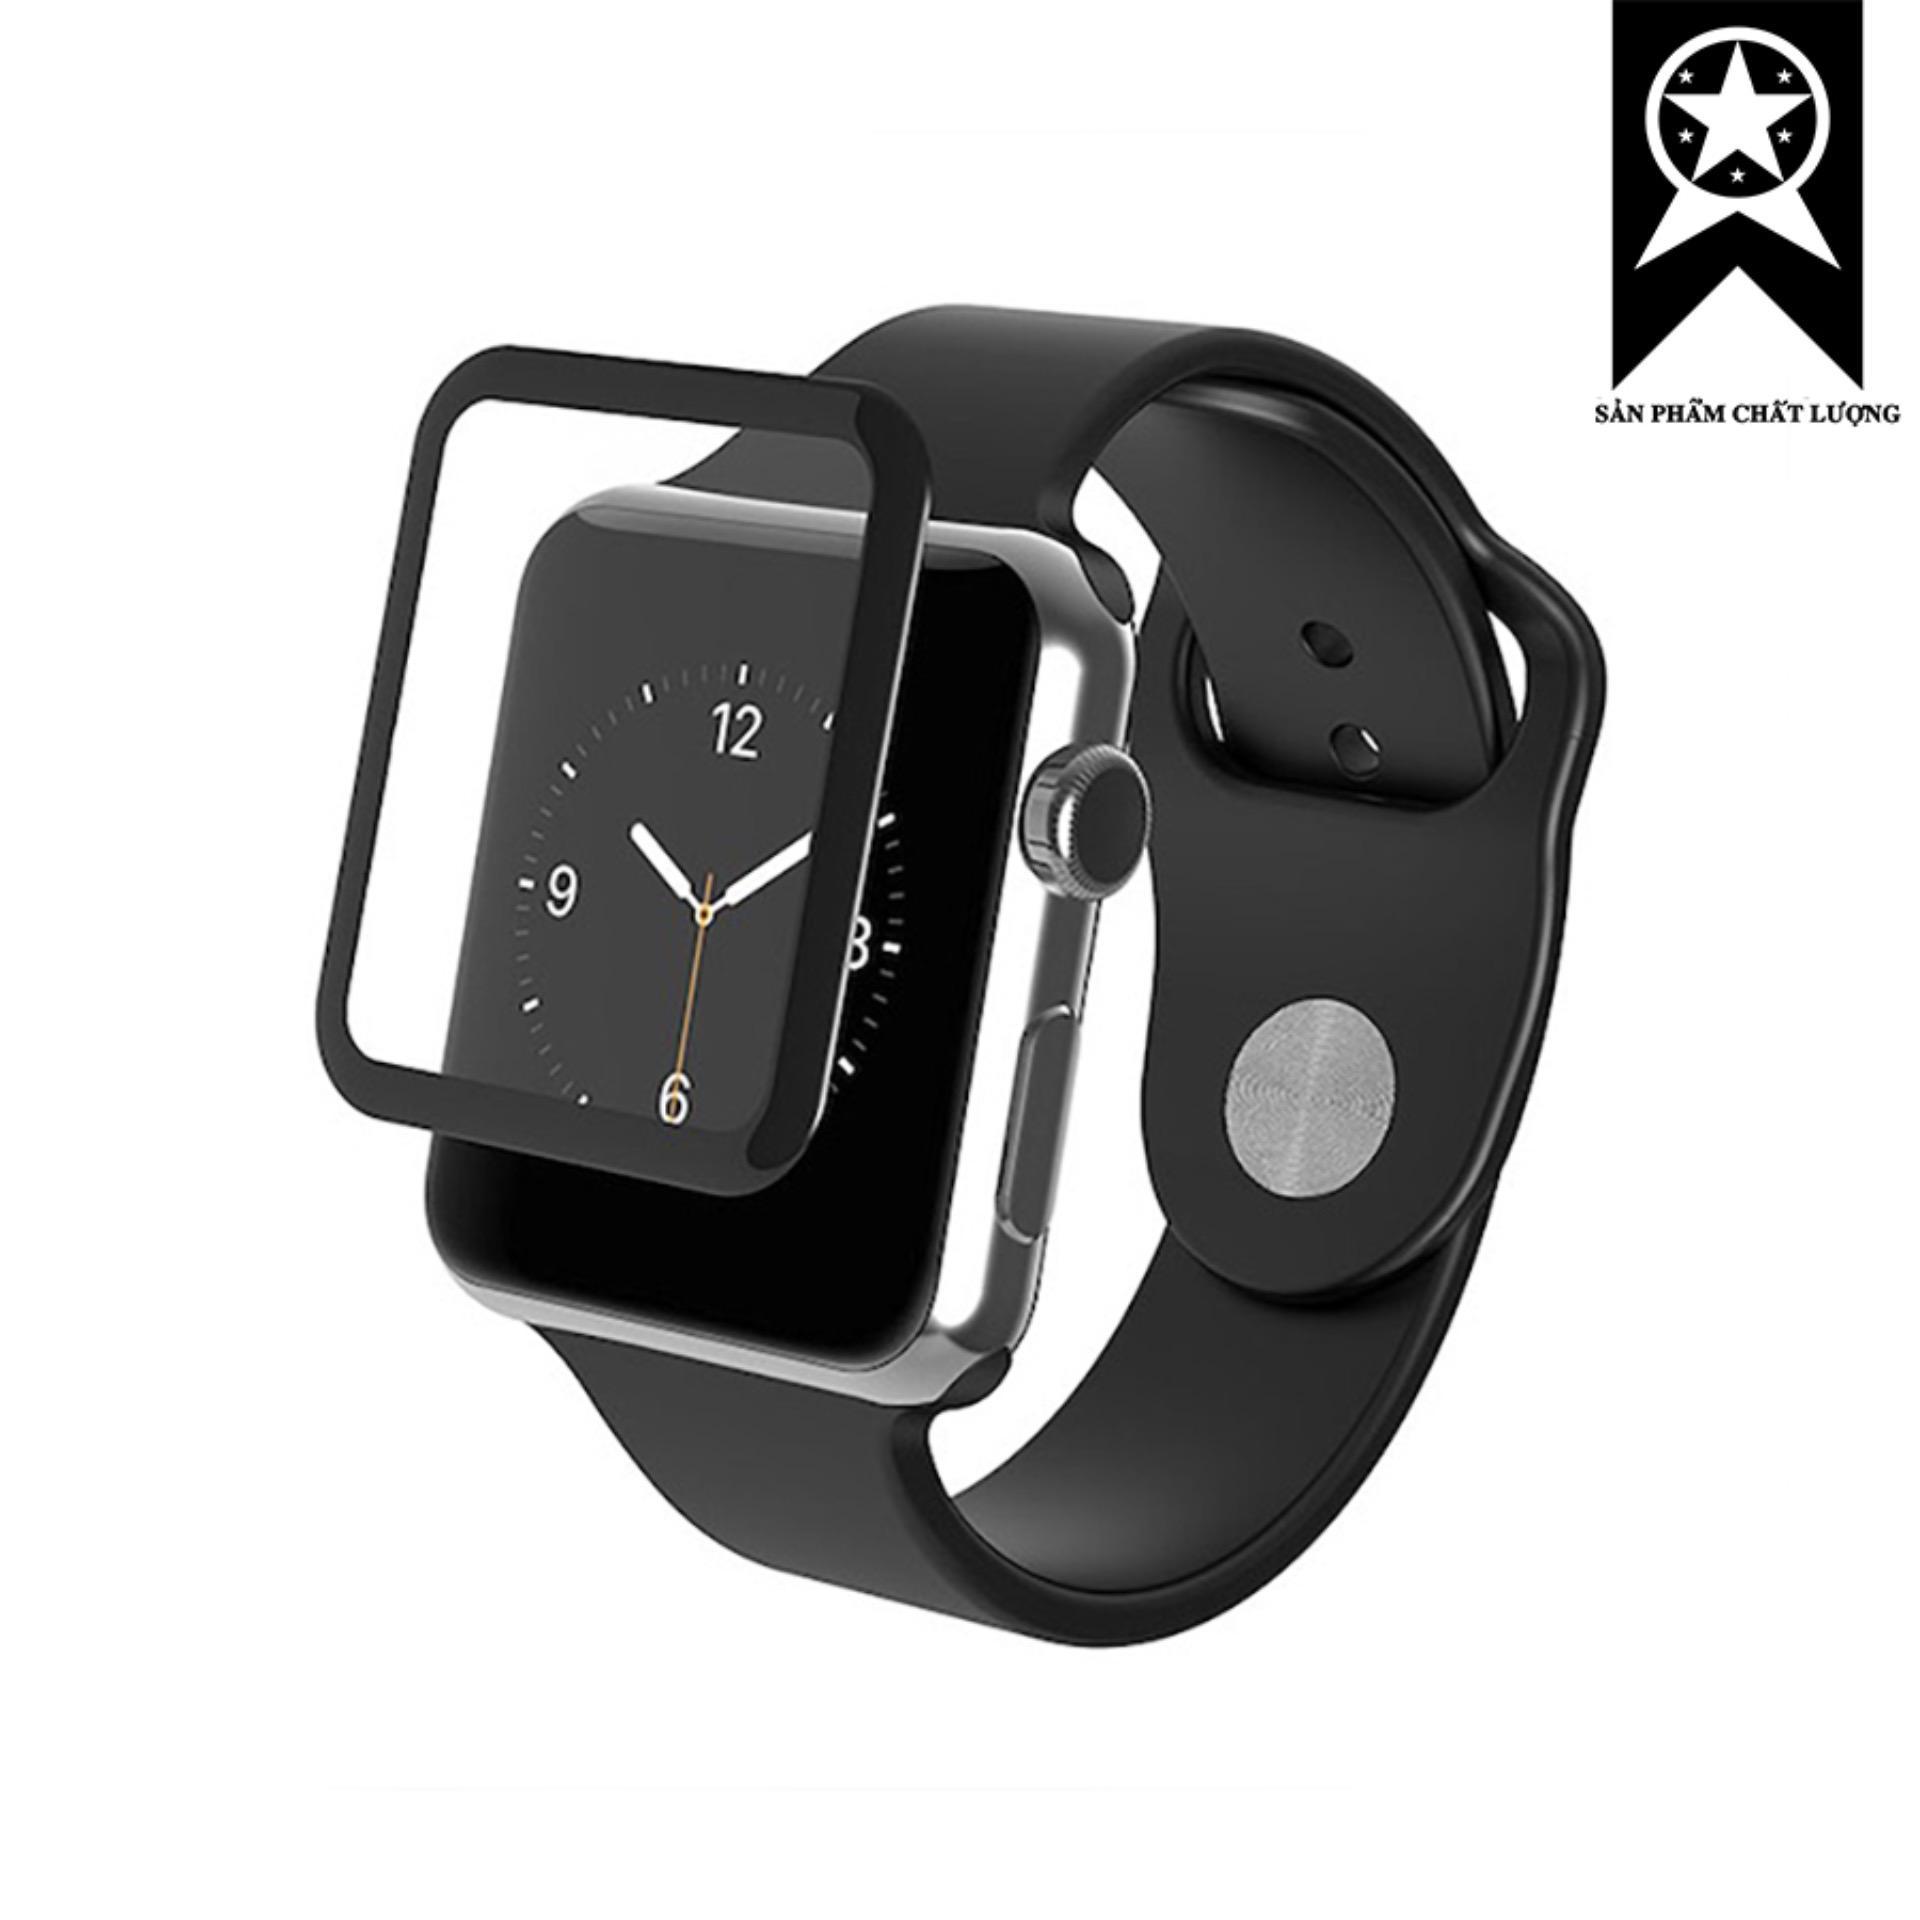 Cường lực Apple Watch full keo 5D Full màn hình size 38mm (Cao cấp)